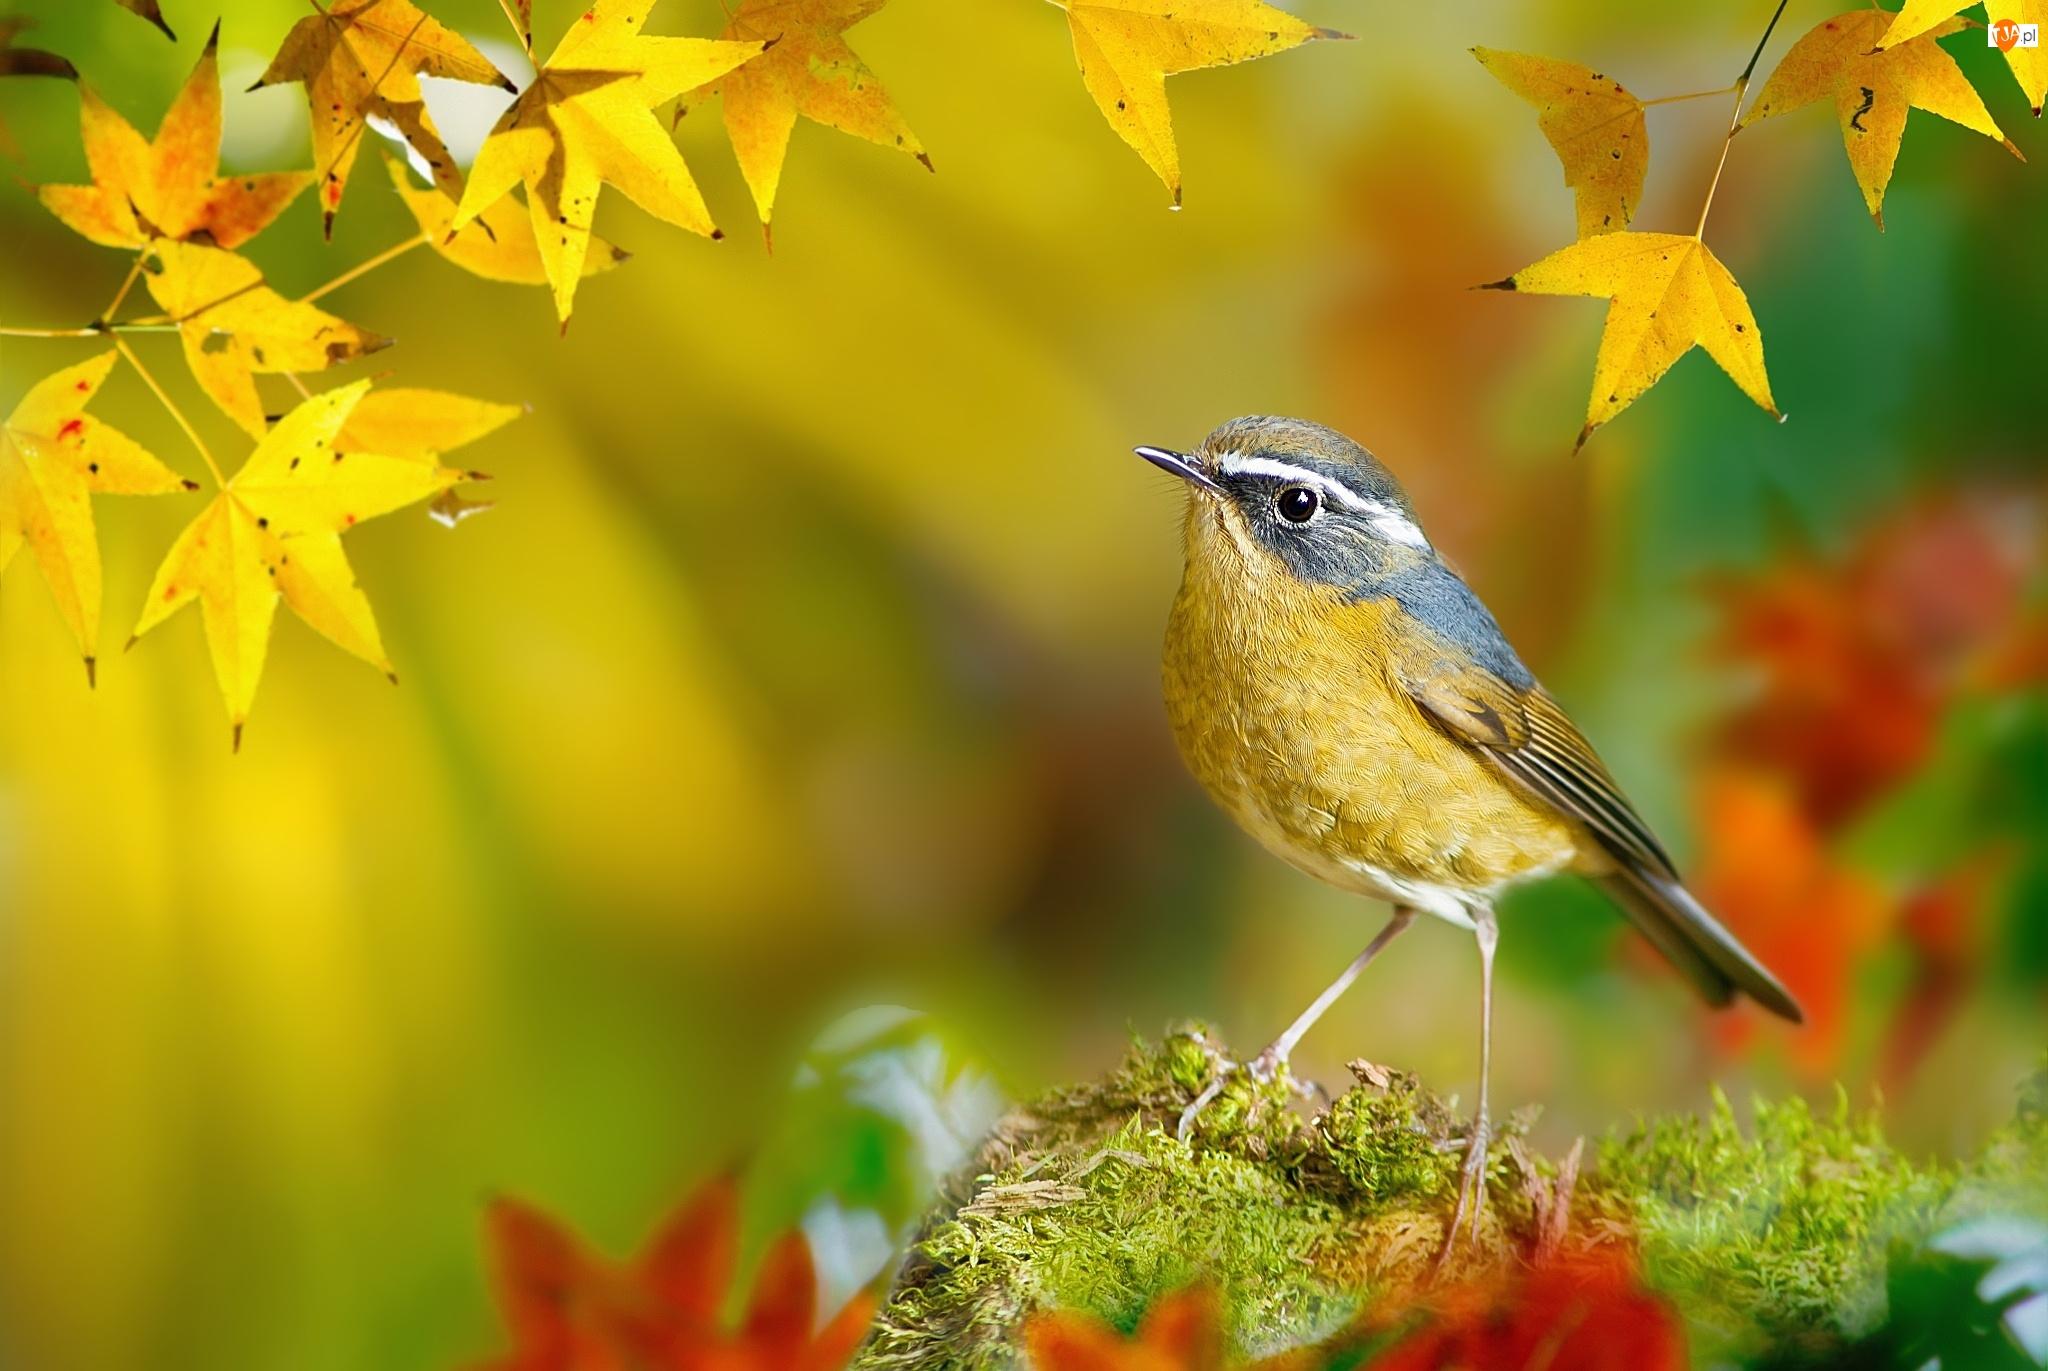 Jesień, Ptak, Mech, Modraczek białobrewy, Liście